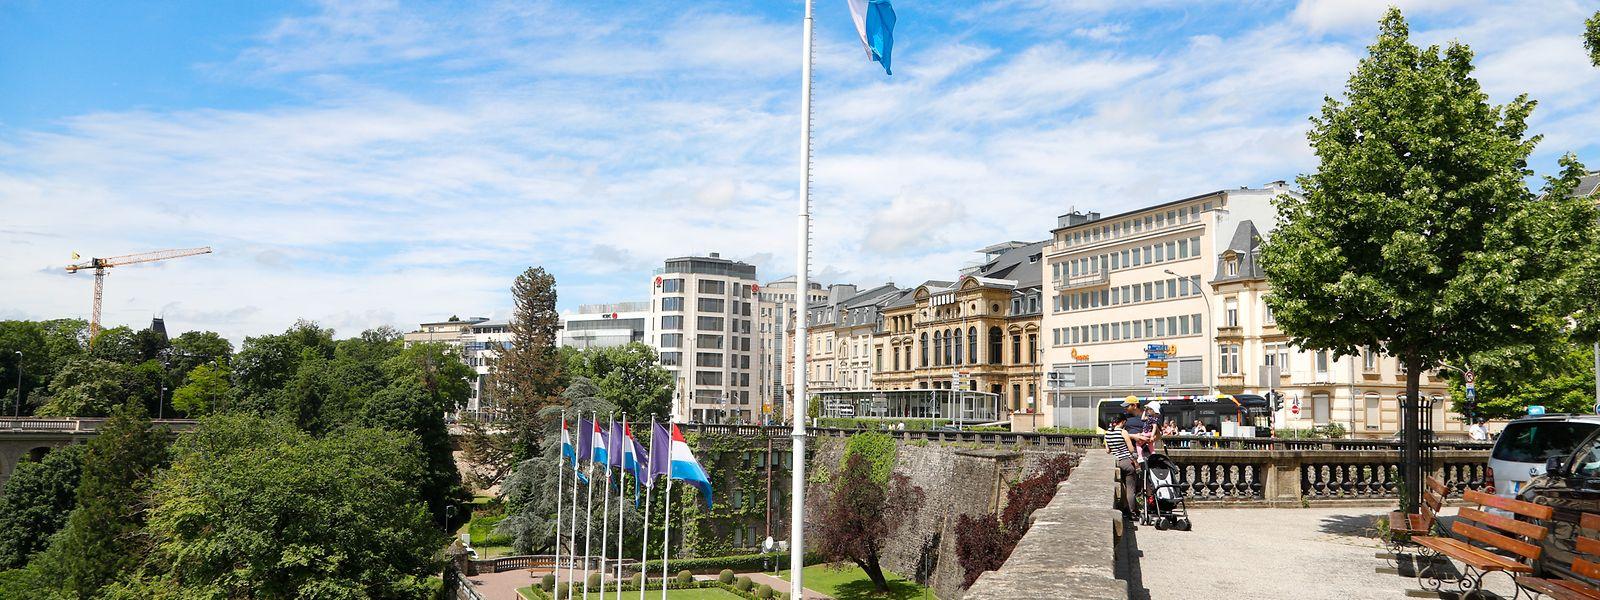 600 Millionen Euro zusätzliche Abschreibungen auf Kredite im Vergleich zu 2019 lassen das Jahresergebnis 2020 aller Luxemburger Banken um 20 Prozent sinken.